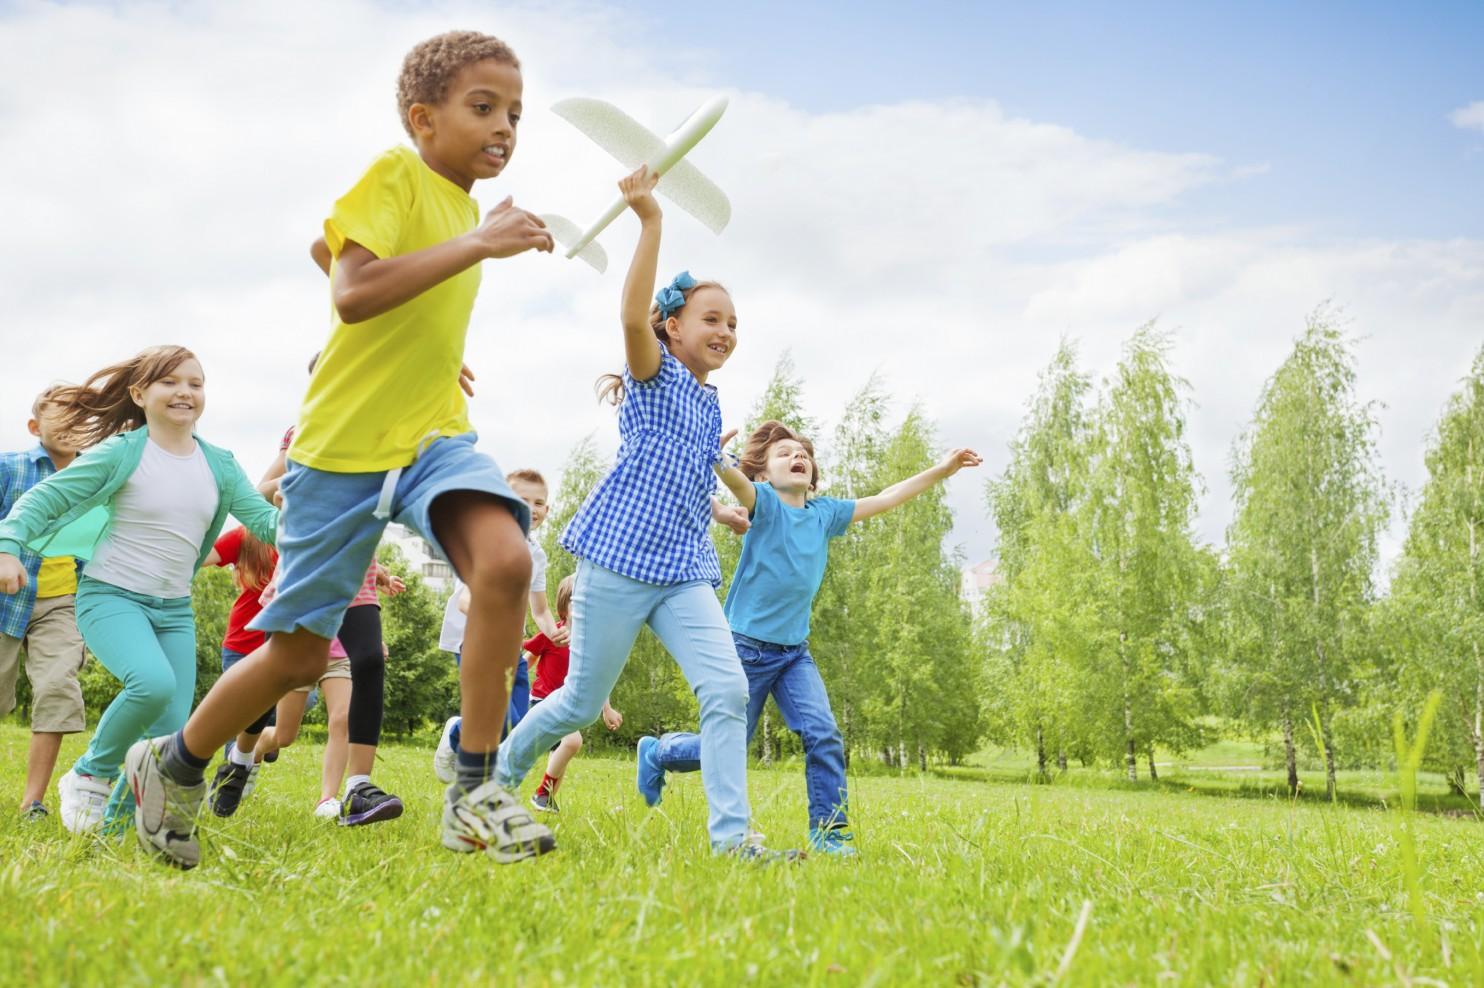 Chơi đùa ngoài trời là cách giúp trẻ vận động chân tay, hít thở không khí trong lành.